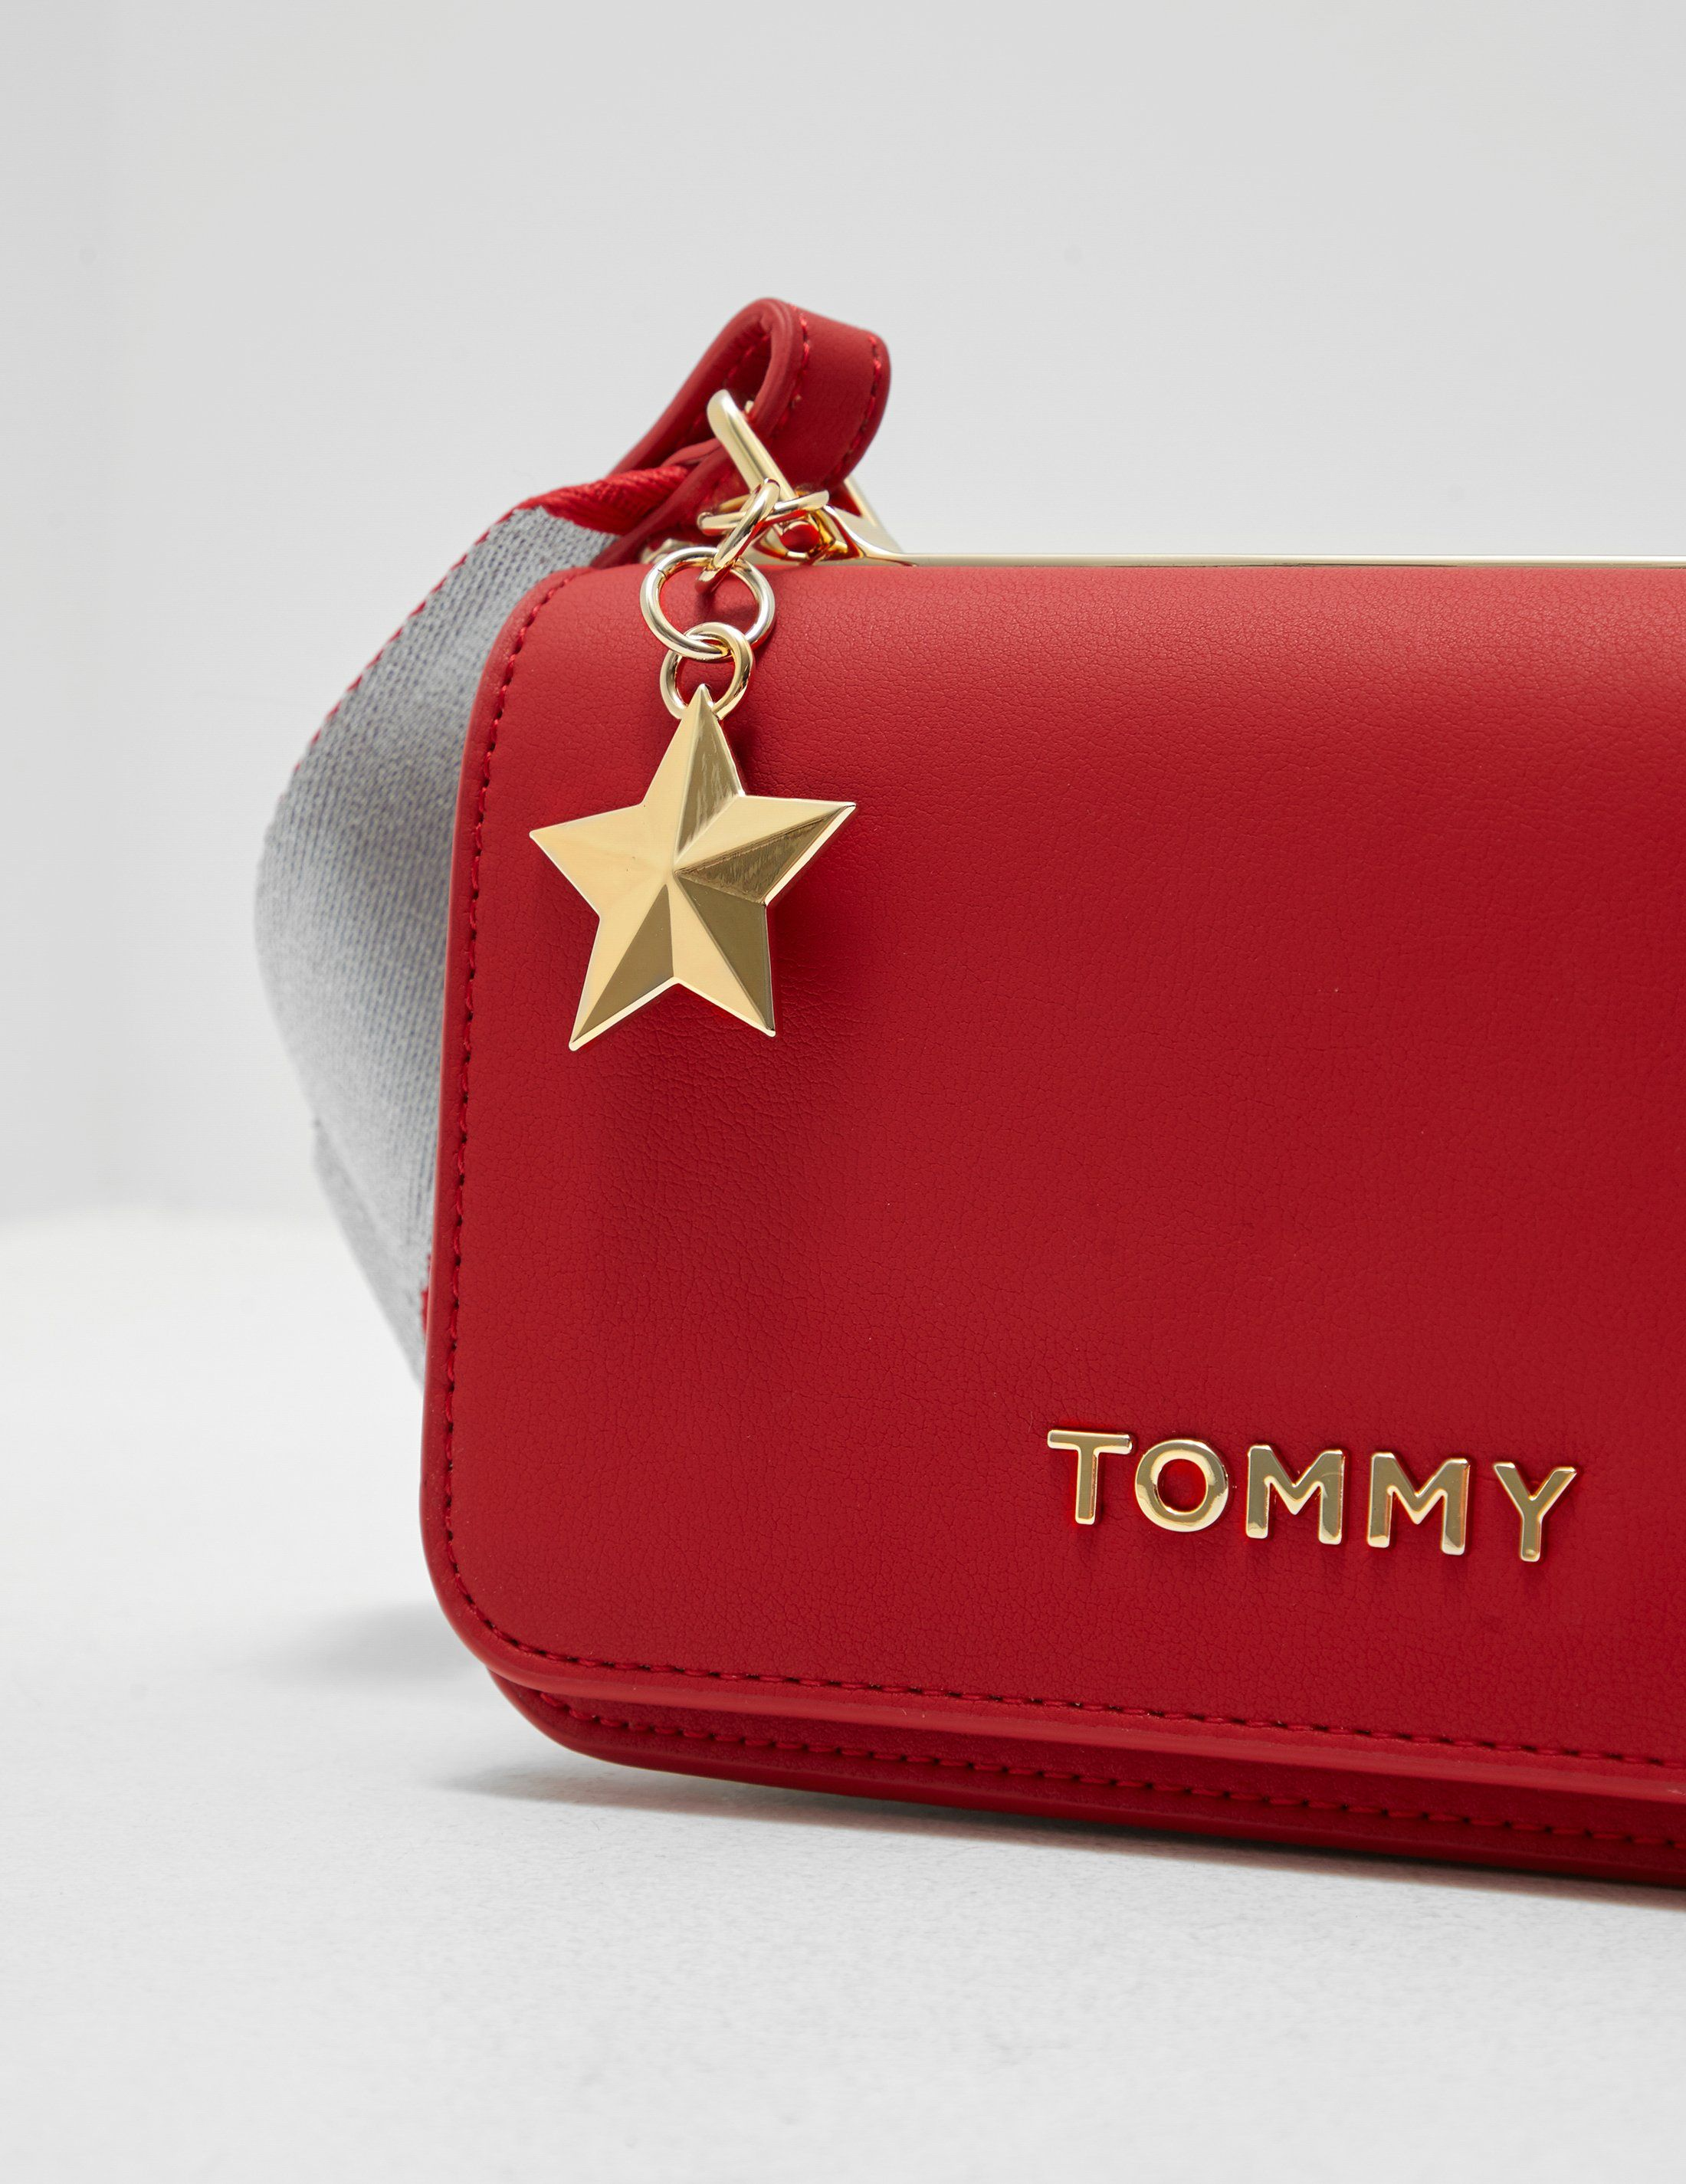 Tommy Hilfiger Statement Shoulder Bag